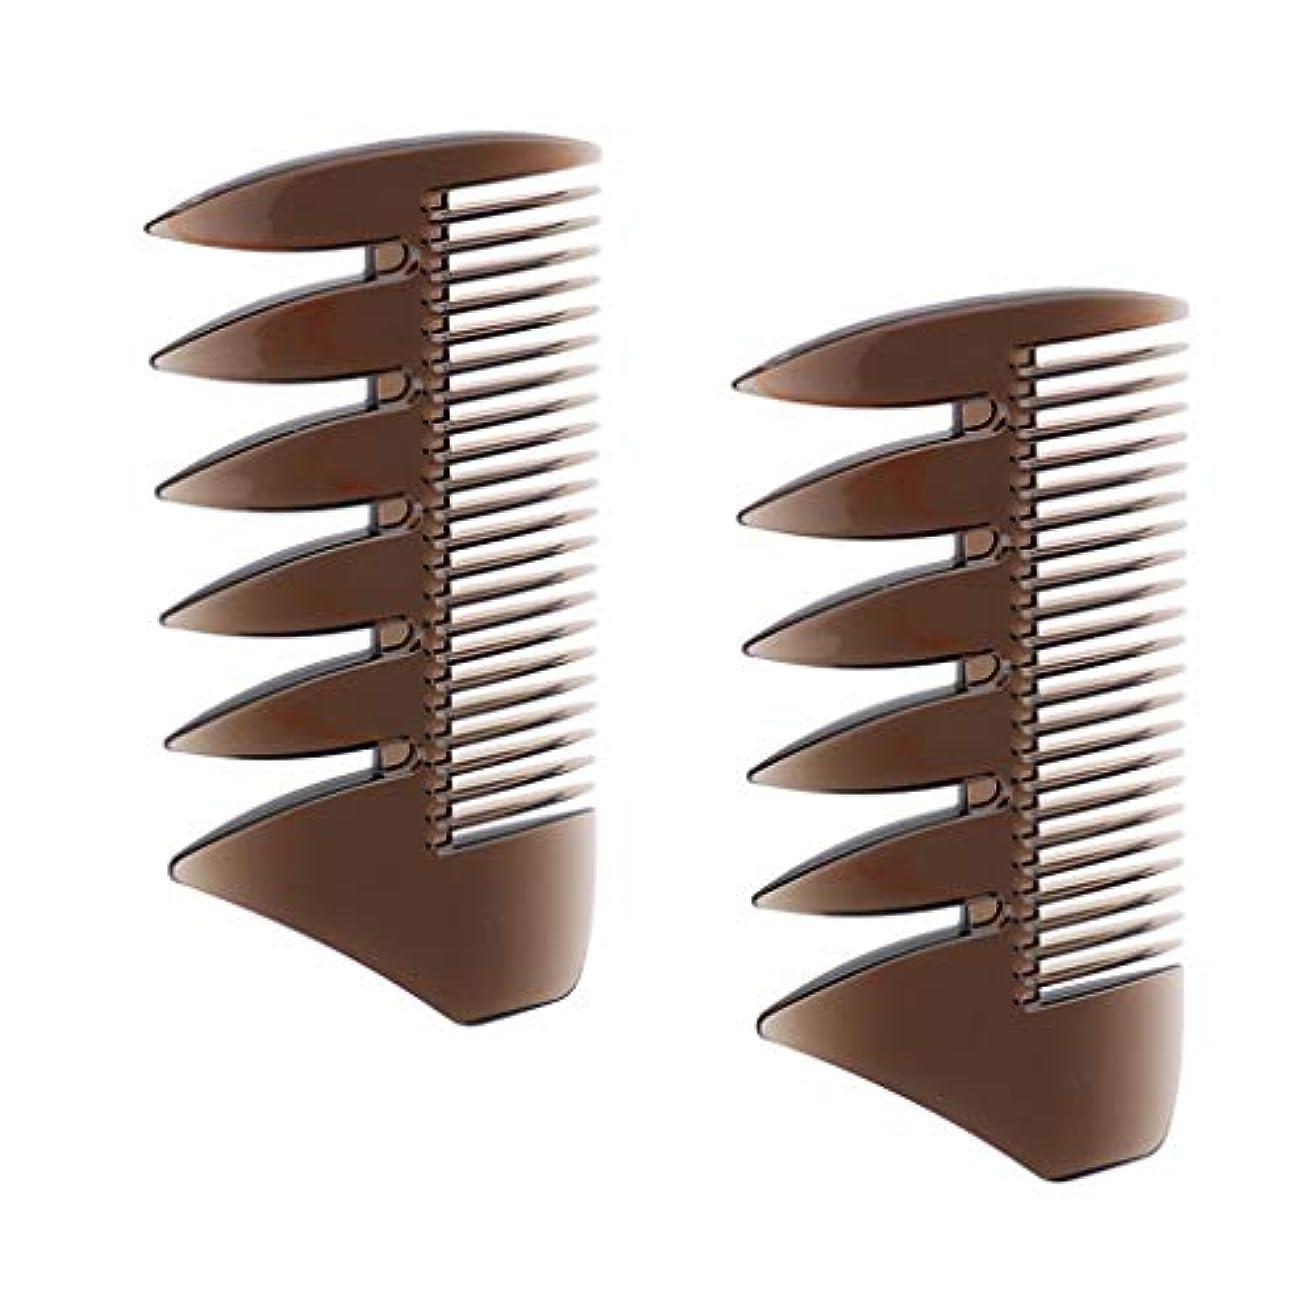 バーチャル特殊アレンジ2個 ヘアコンビ デュアルサイド メンズ オイルの髪 櫛 ヘアサロン ヘアスタイリング